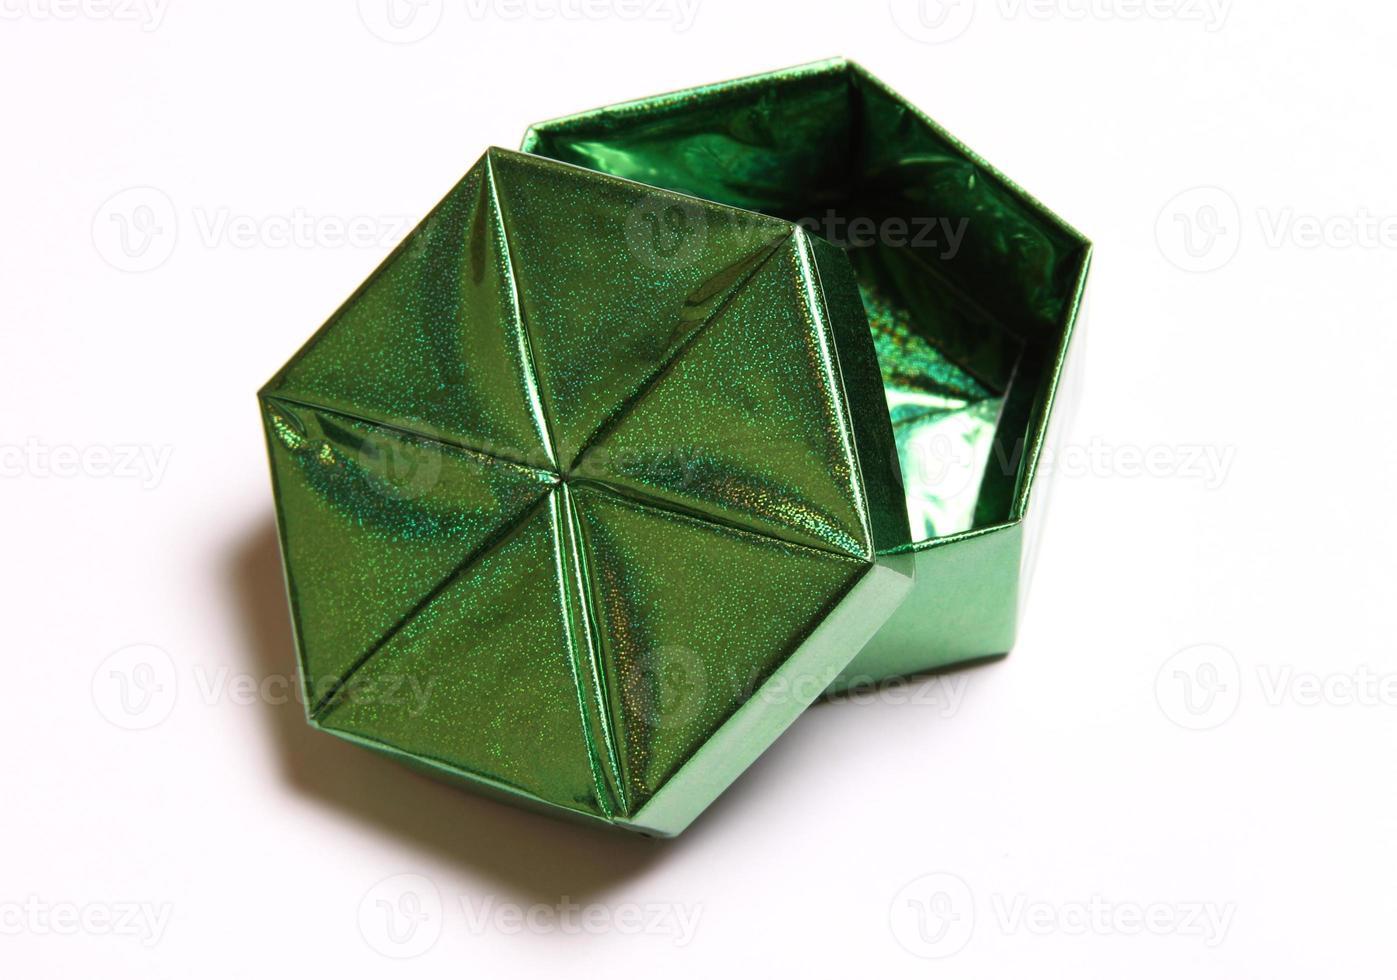 doos voor een geschenk de groene foto